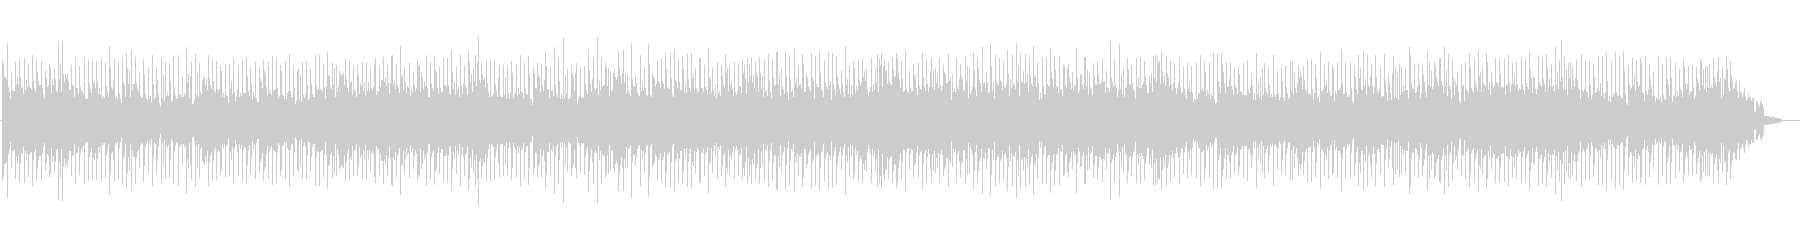 爽快なポップカントリーの未再生の波形